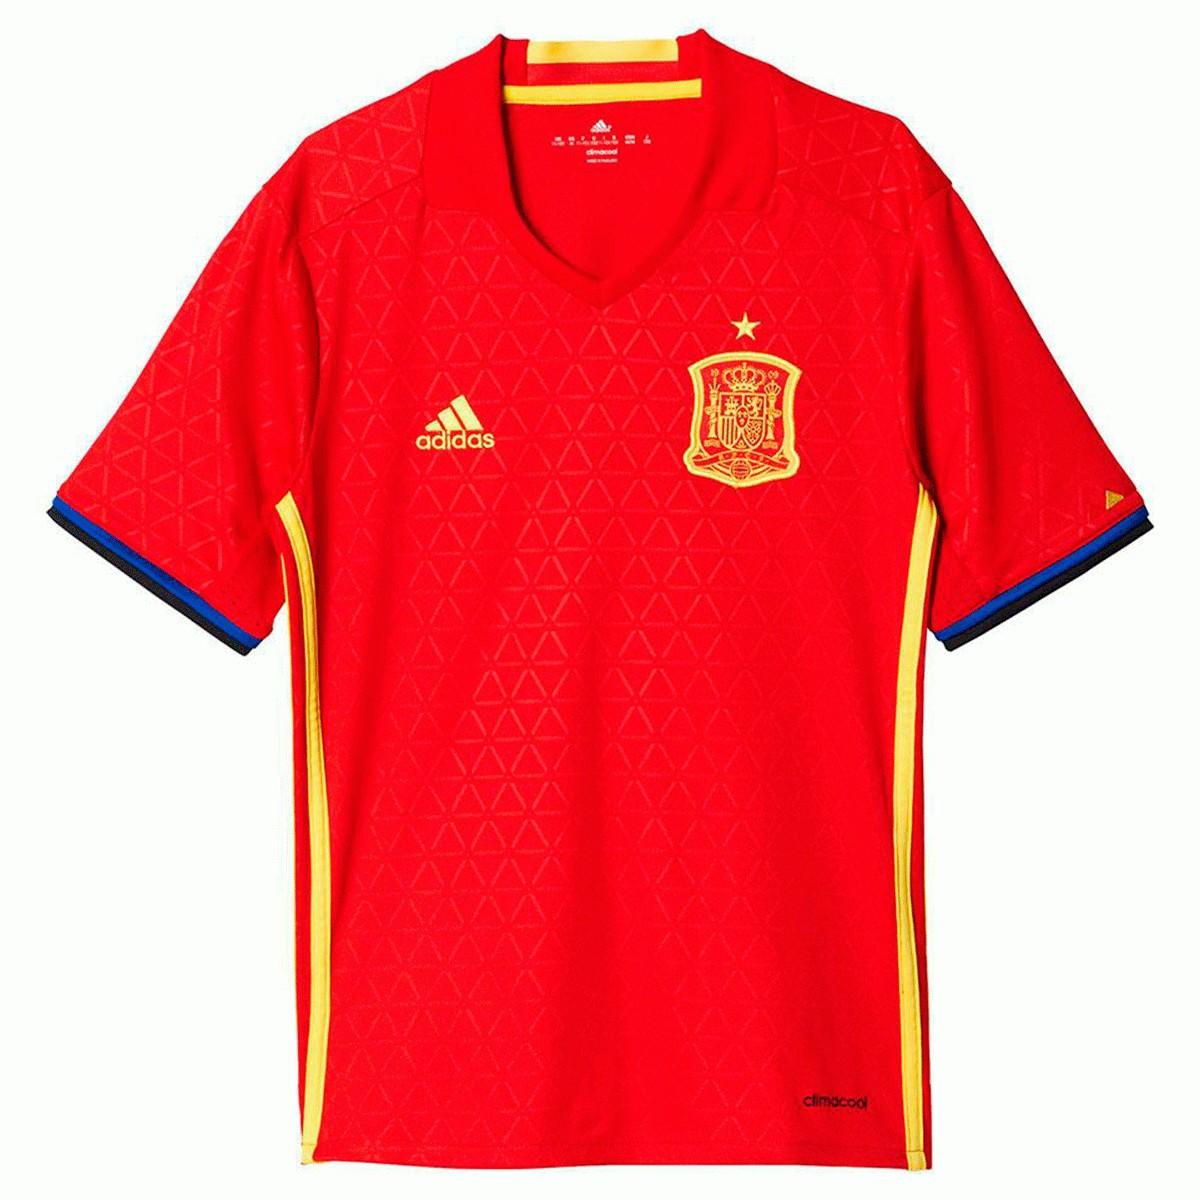 Camisa Espanha Adidas 2016-2017 - Vermelho - Infantil